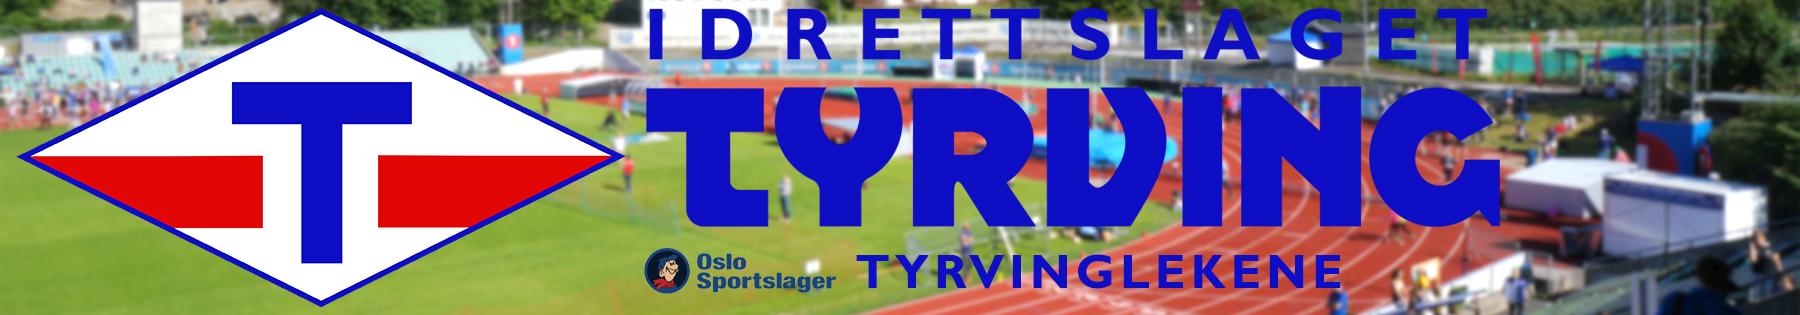 IL Tyrving – Friidrett – Oslo Sportslager Tyrvinglekene 2018